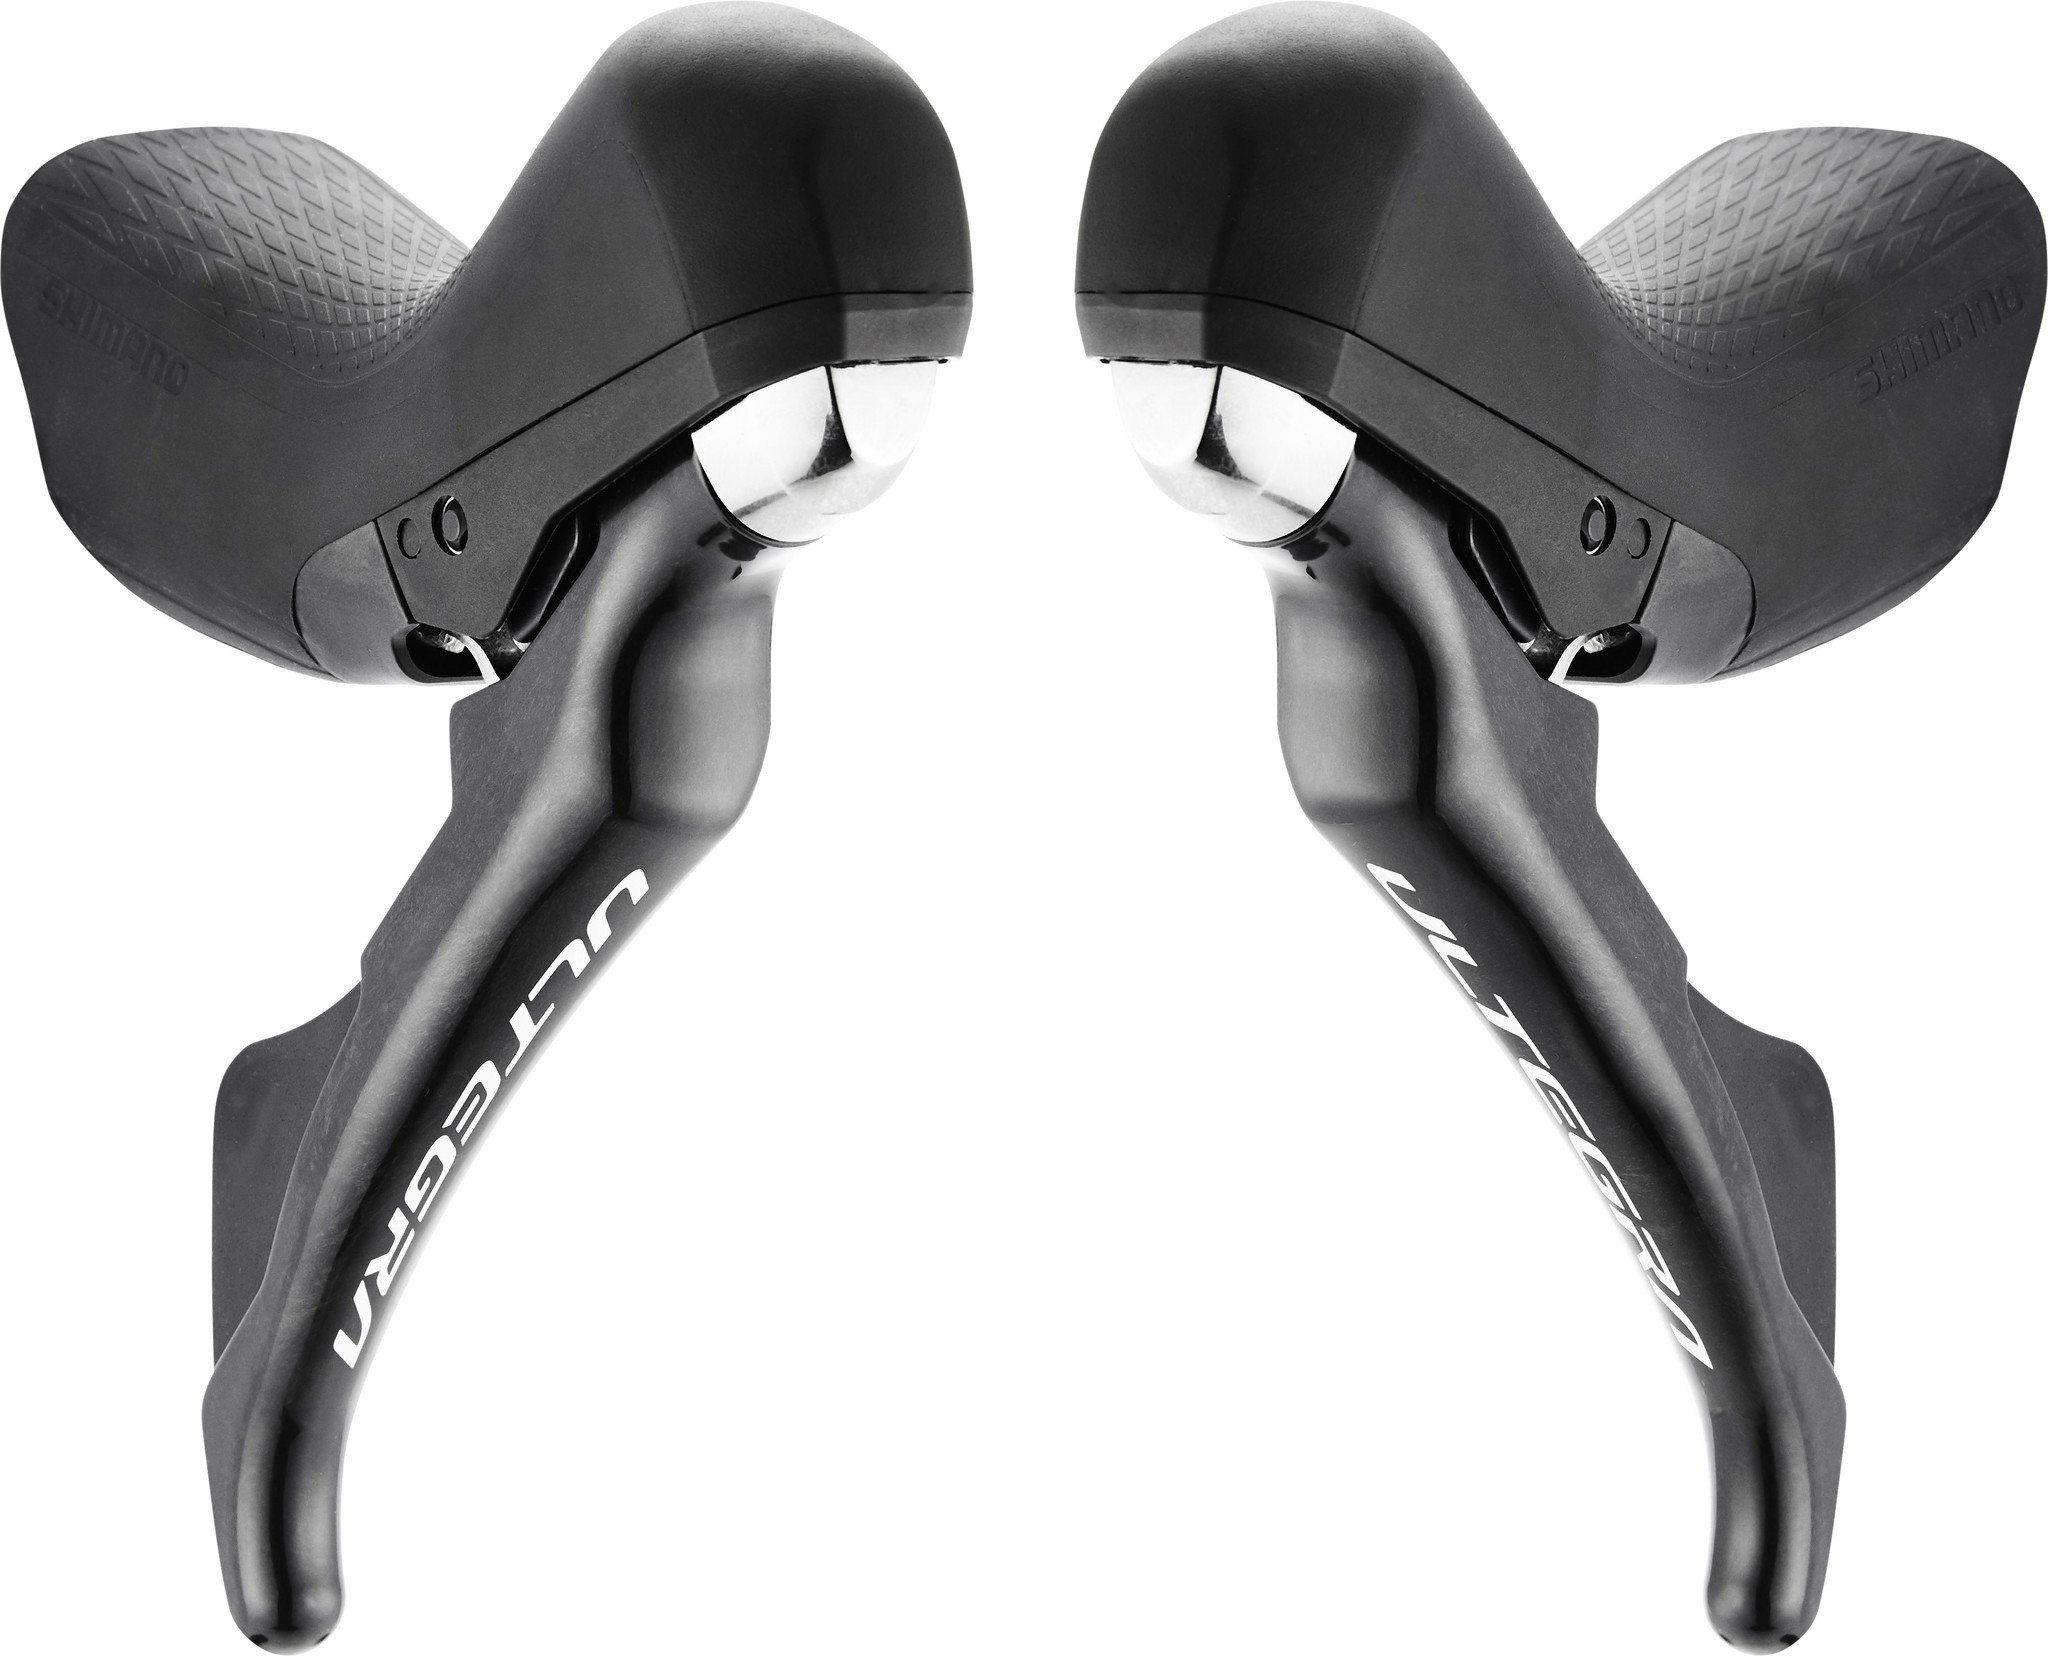 Shimano Bremshebel »Ultegra ST-R8020 Schalt-/Bremshebel Set 2x11«